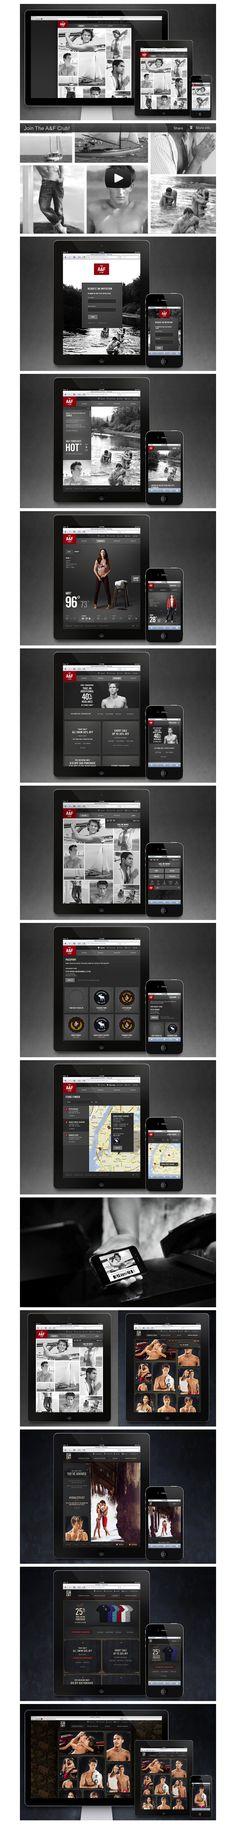 KDS Responsive Design Inspirations Board by Adam Jesberger / Find us in www.kds.com.ar or Facebook/KDSARG and Twitter /KDSARG / Tags: #responsivedesign #inspiration